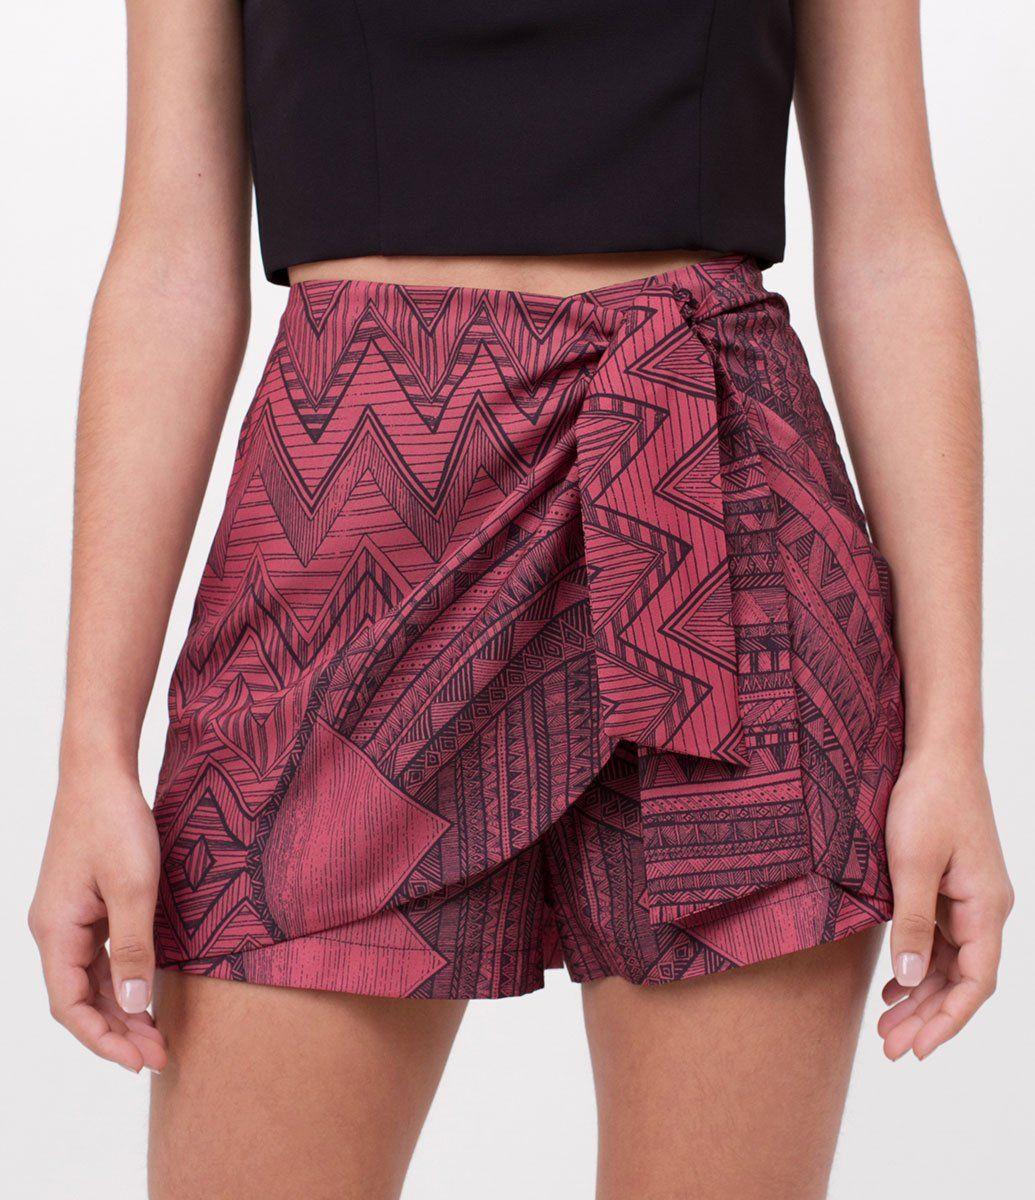 f0478b2acb Short feminino Modelo saia Com amarração Estampada Marca  Just Be Tecido   Crepe Composição